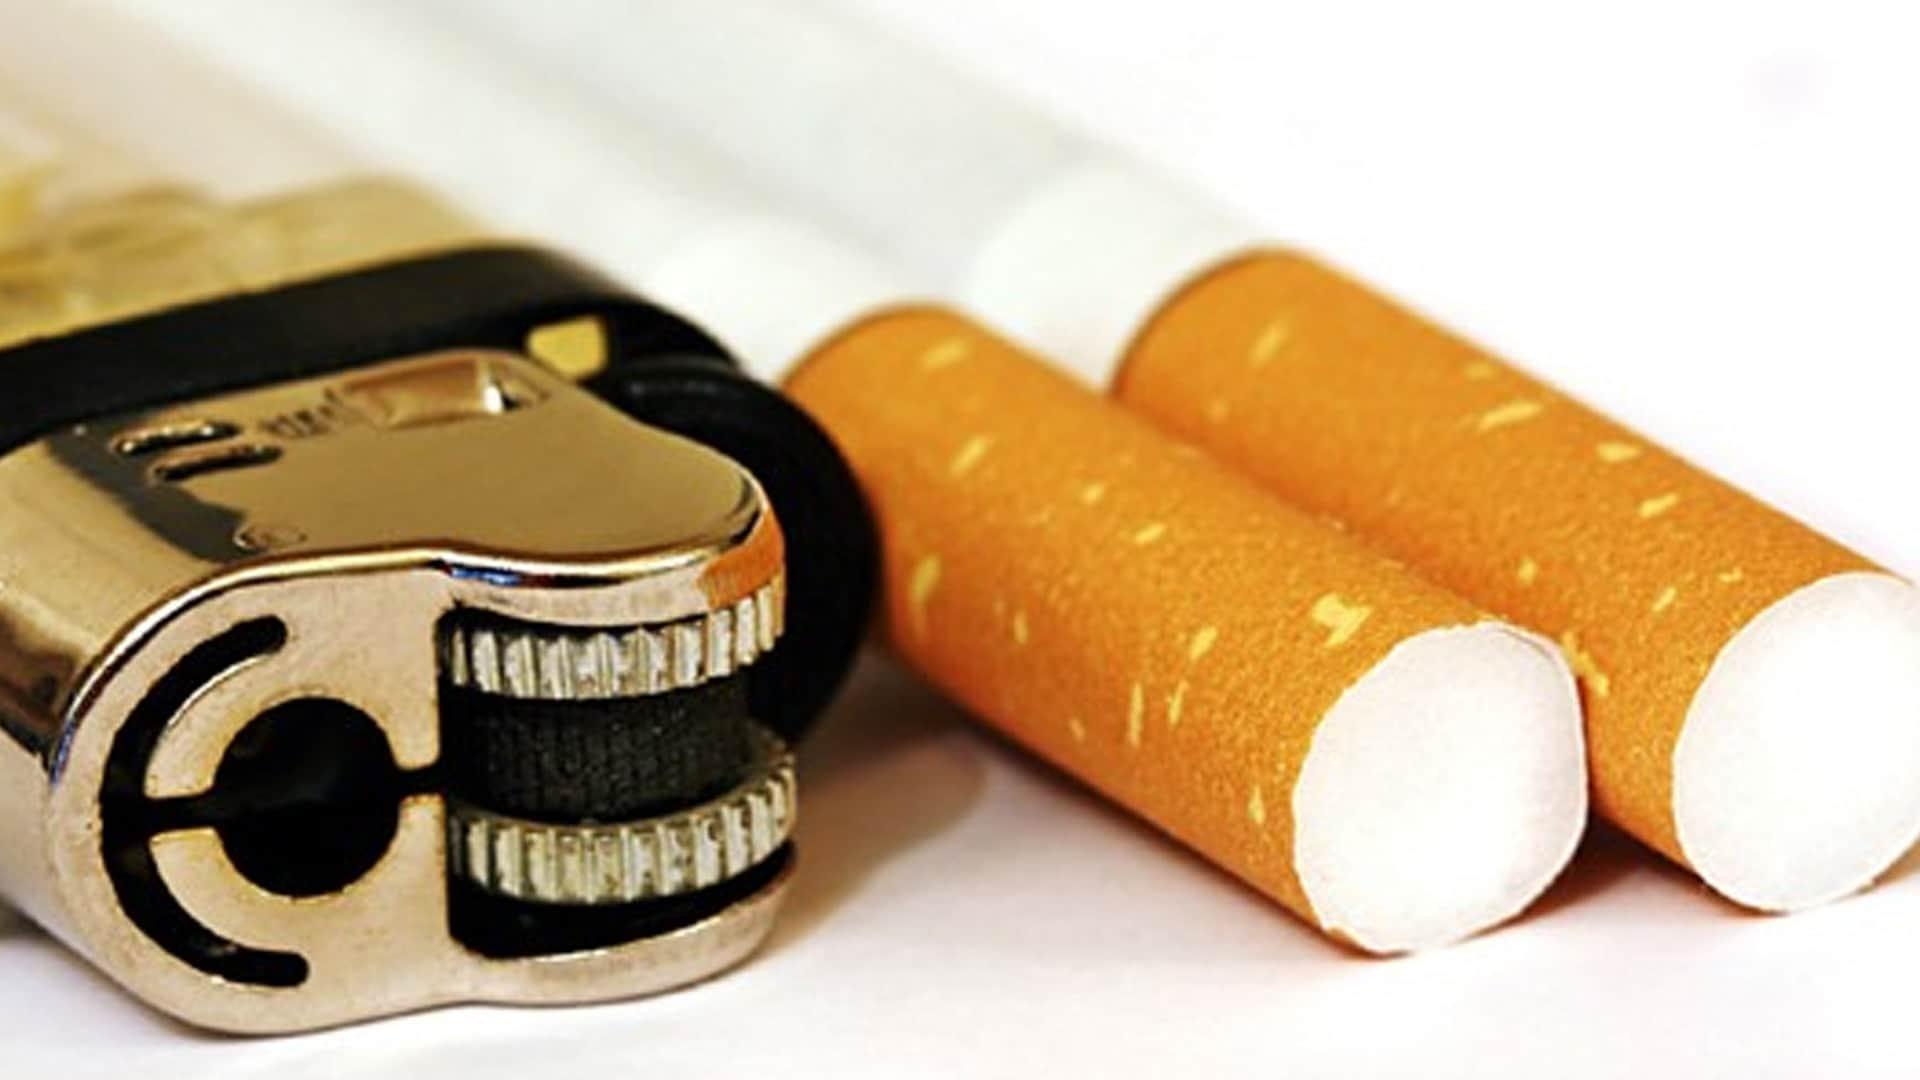 Rauchverbote kann kein Vermieter erteilen